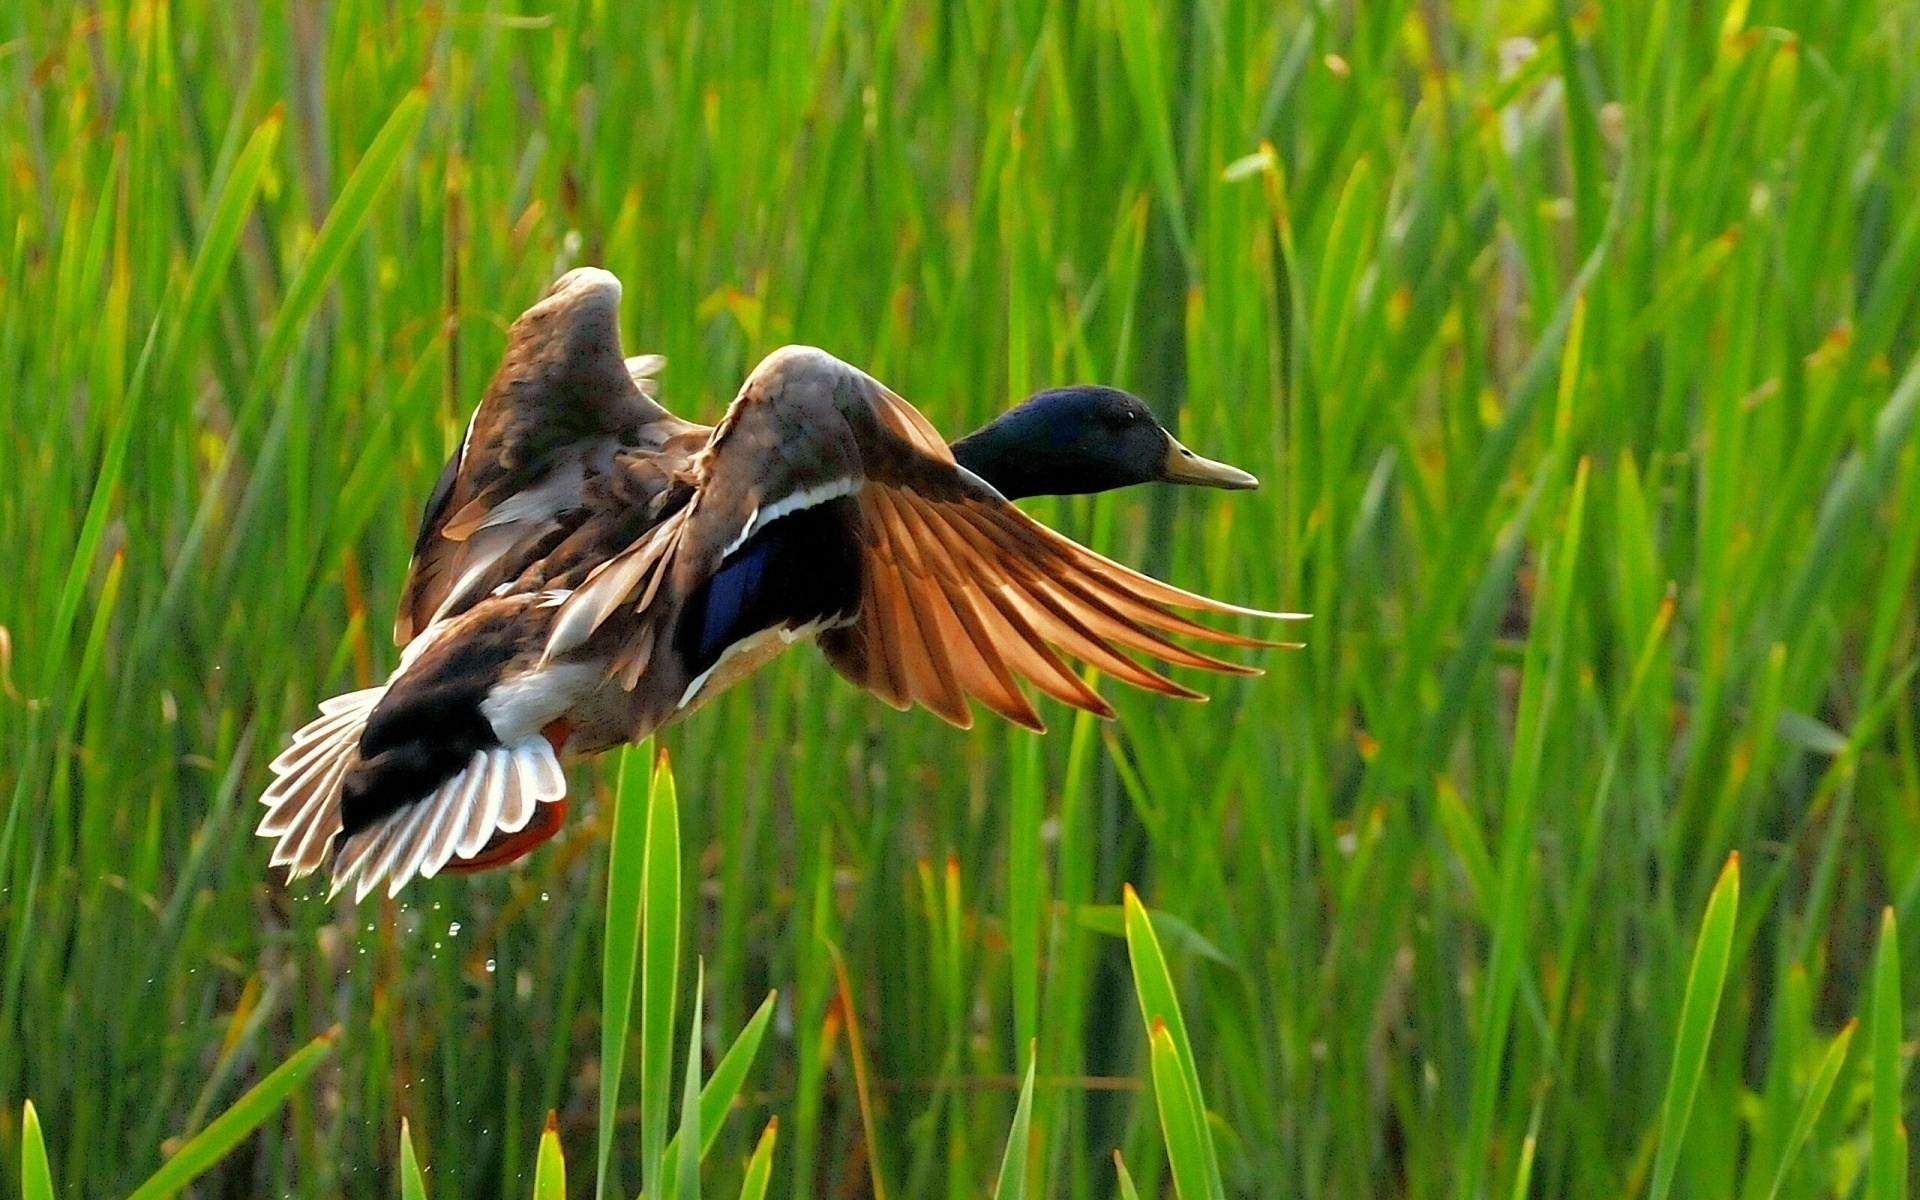 Wild duck flying Wild Nature HD Wallpaper